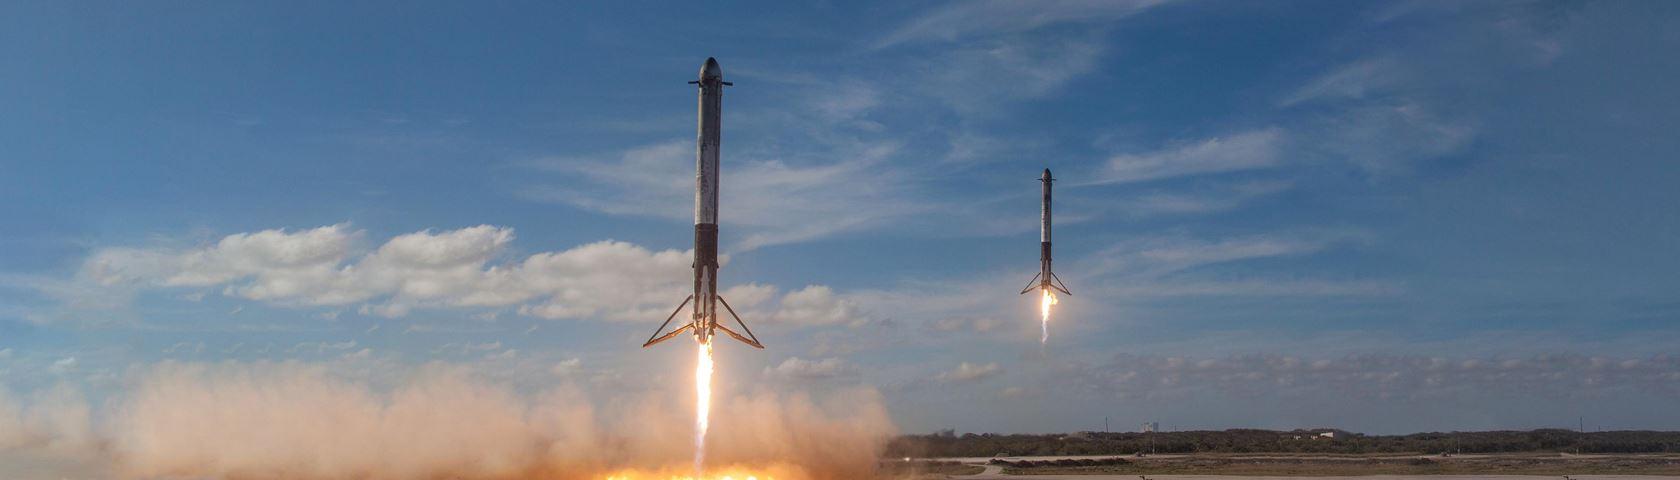 Falcon Heavy Boosters Landing